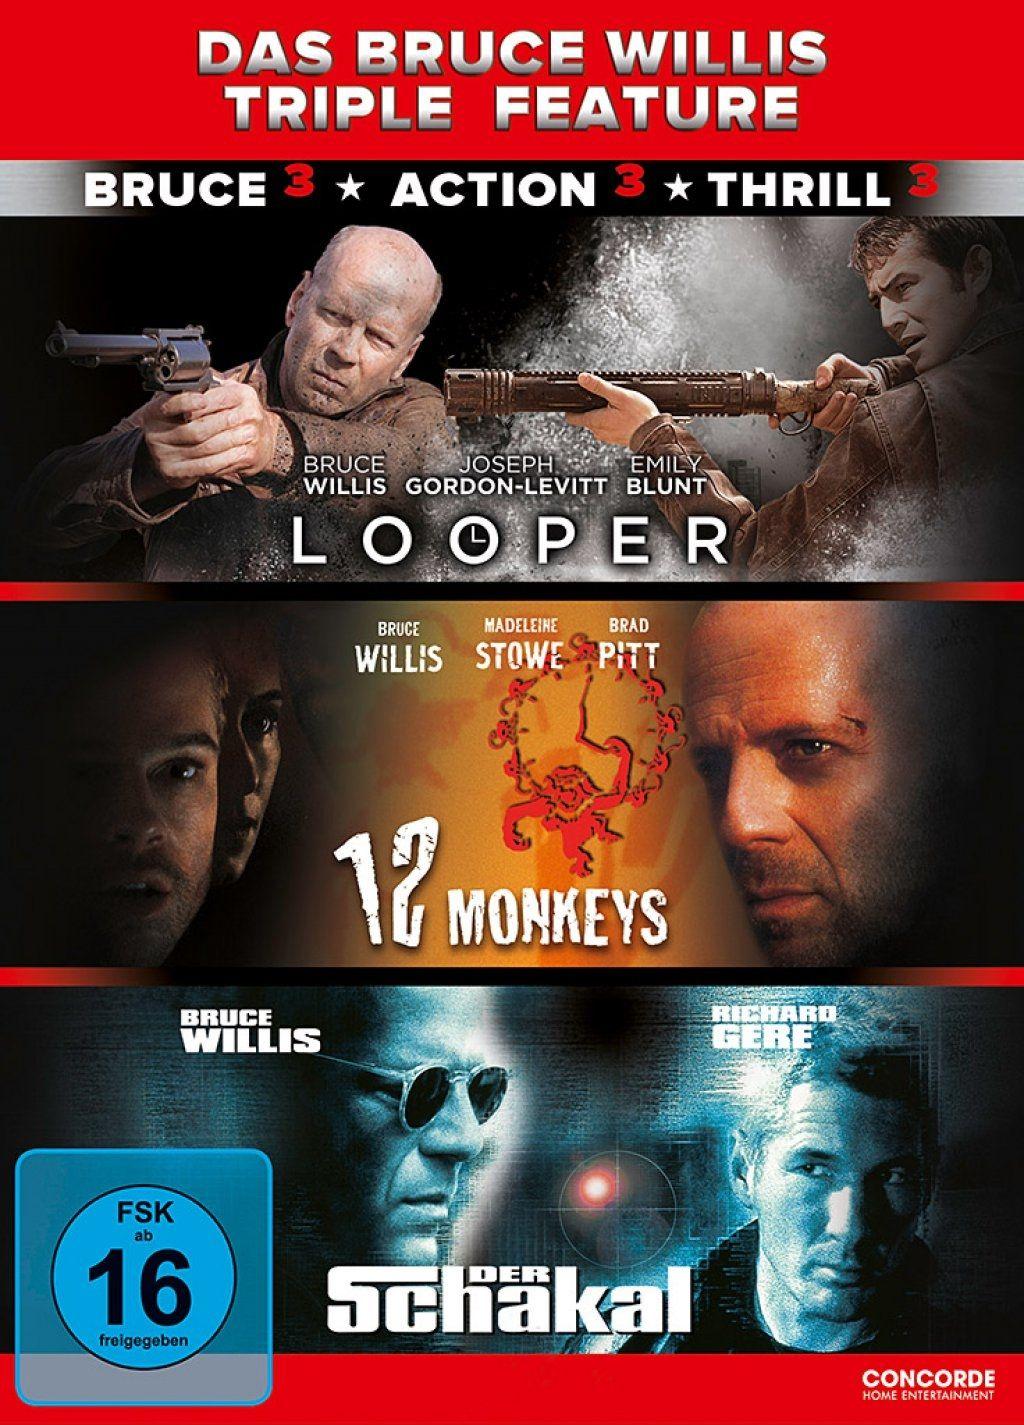 Bruce Willis Triple Feature, Das (3 Discs)